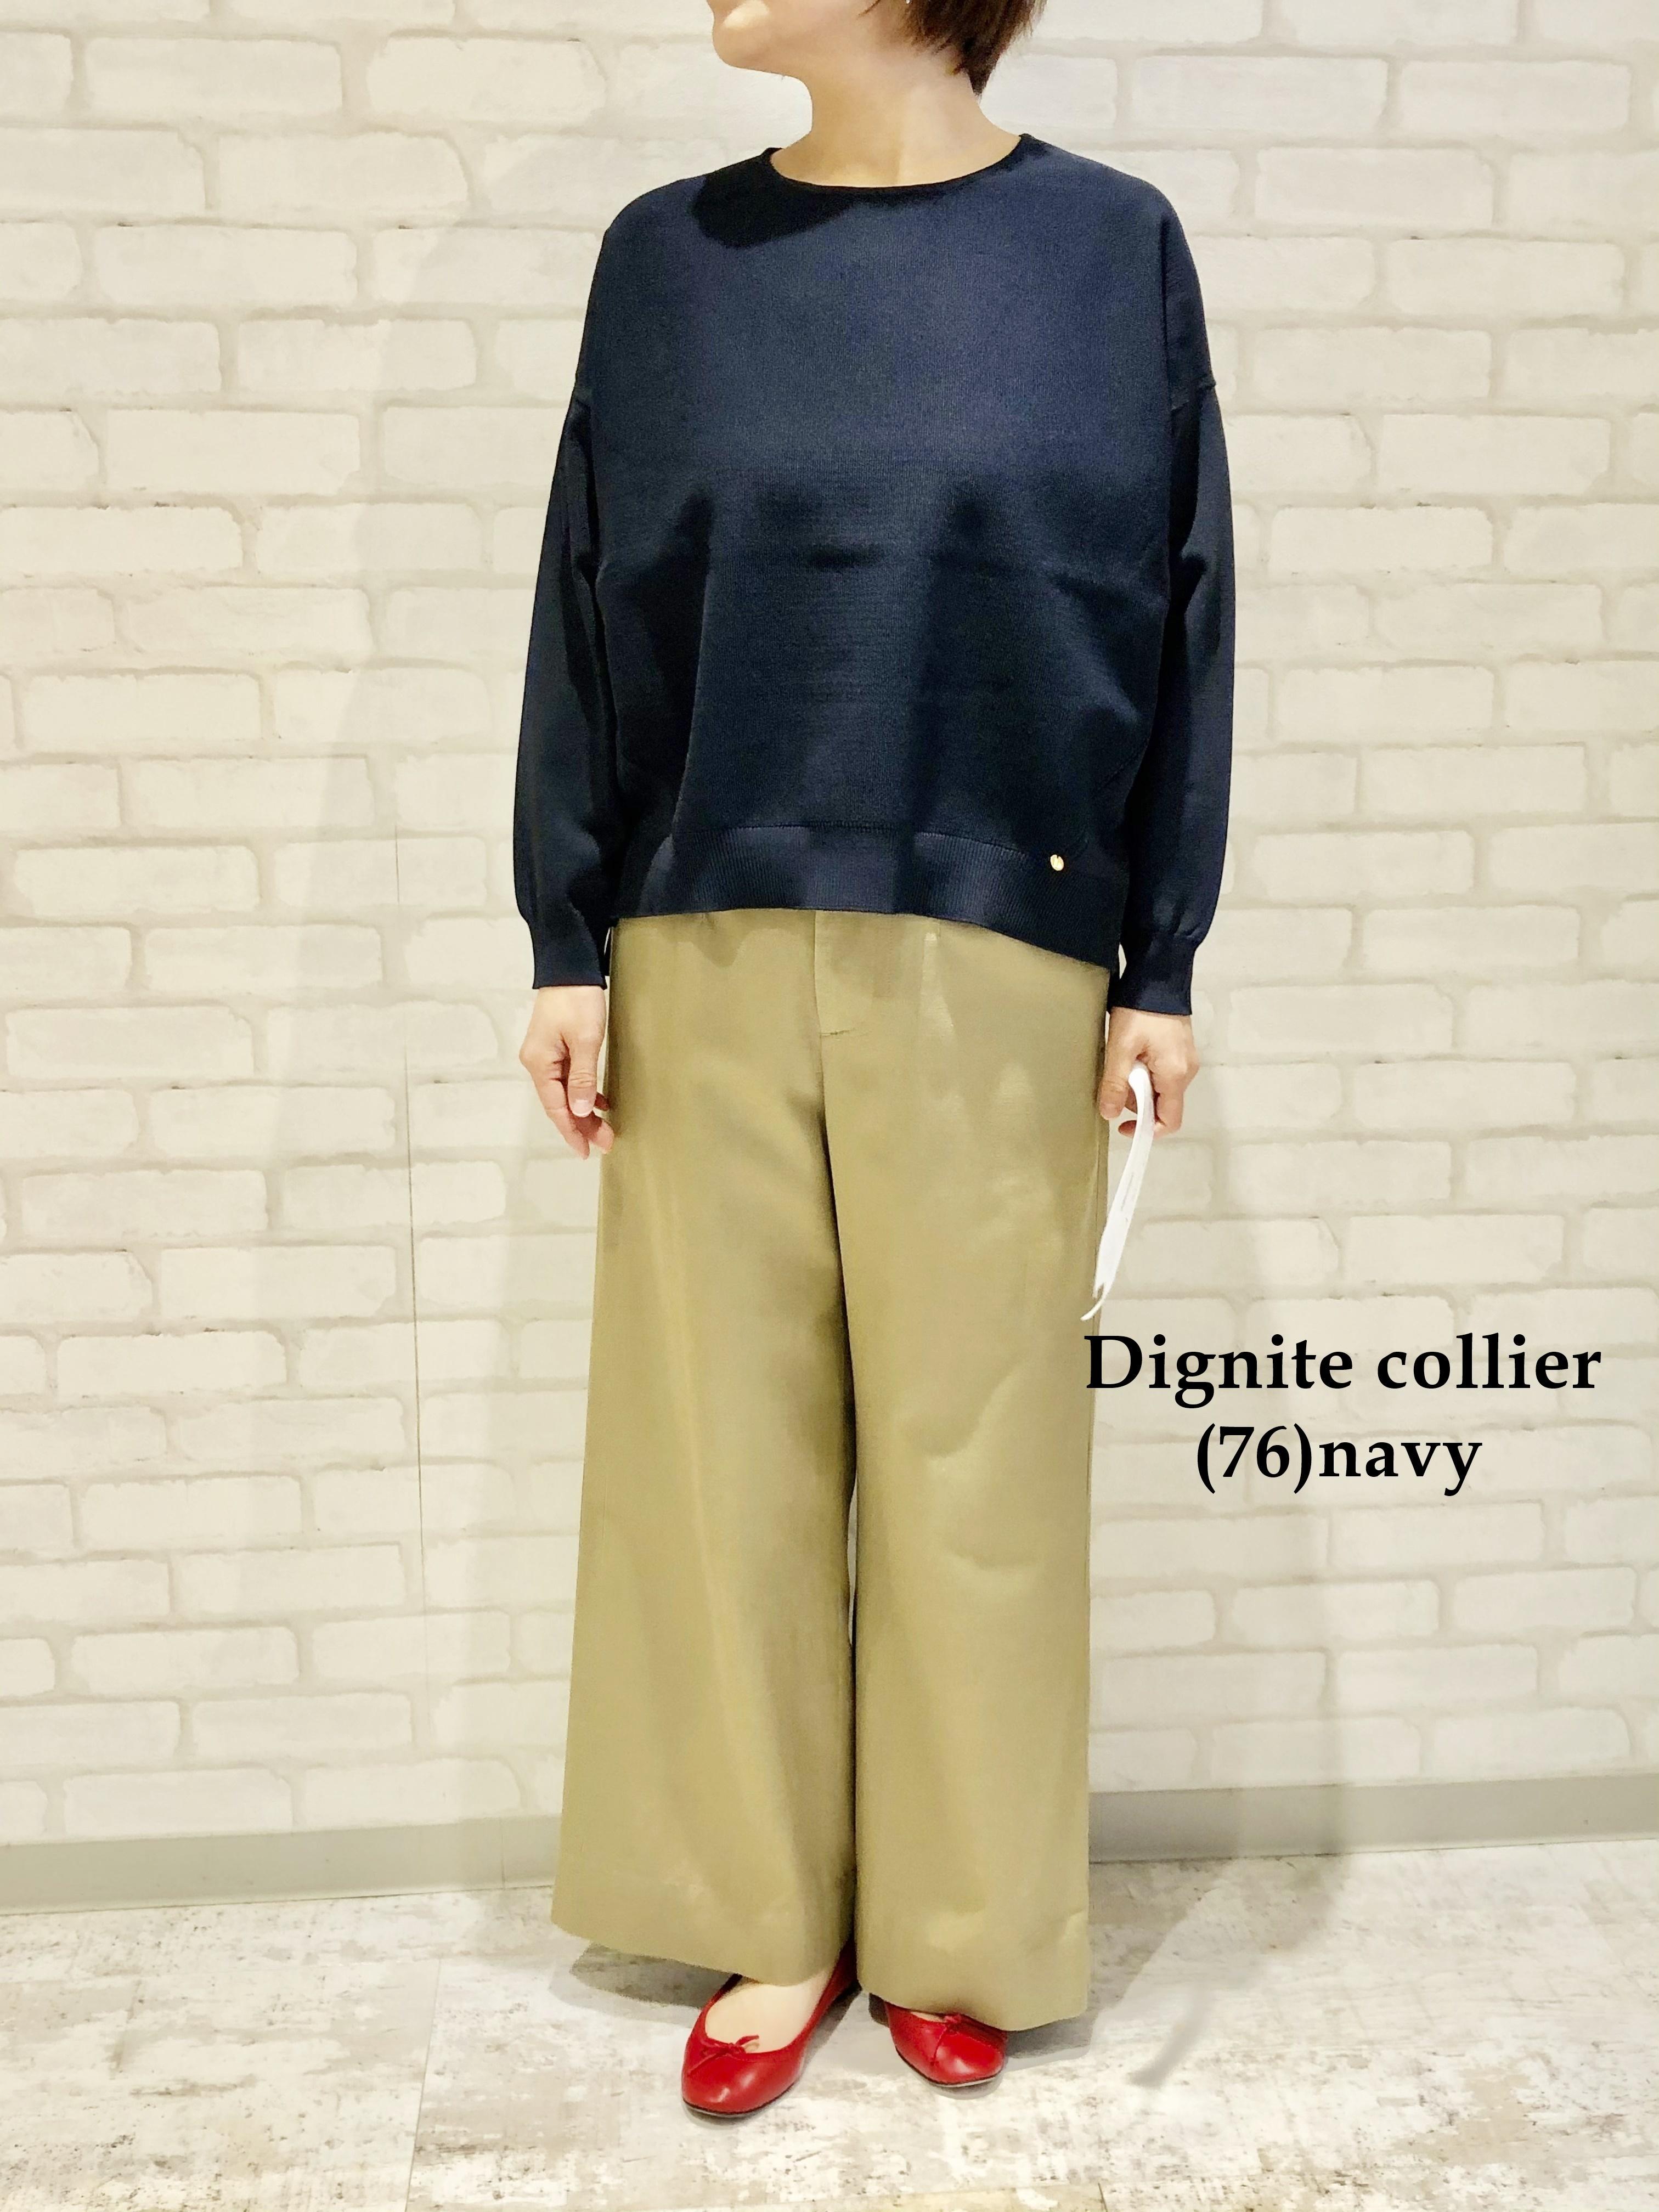 Dignite Collier/ウォッシャブルニット(クルーネック)/LC-801102